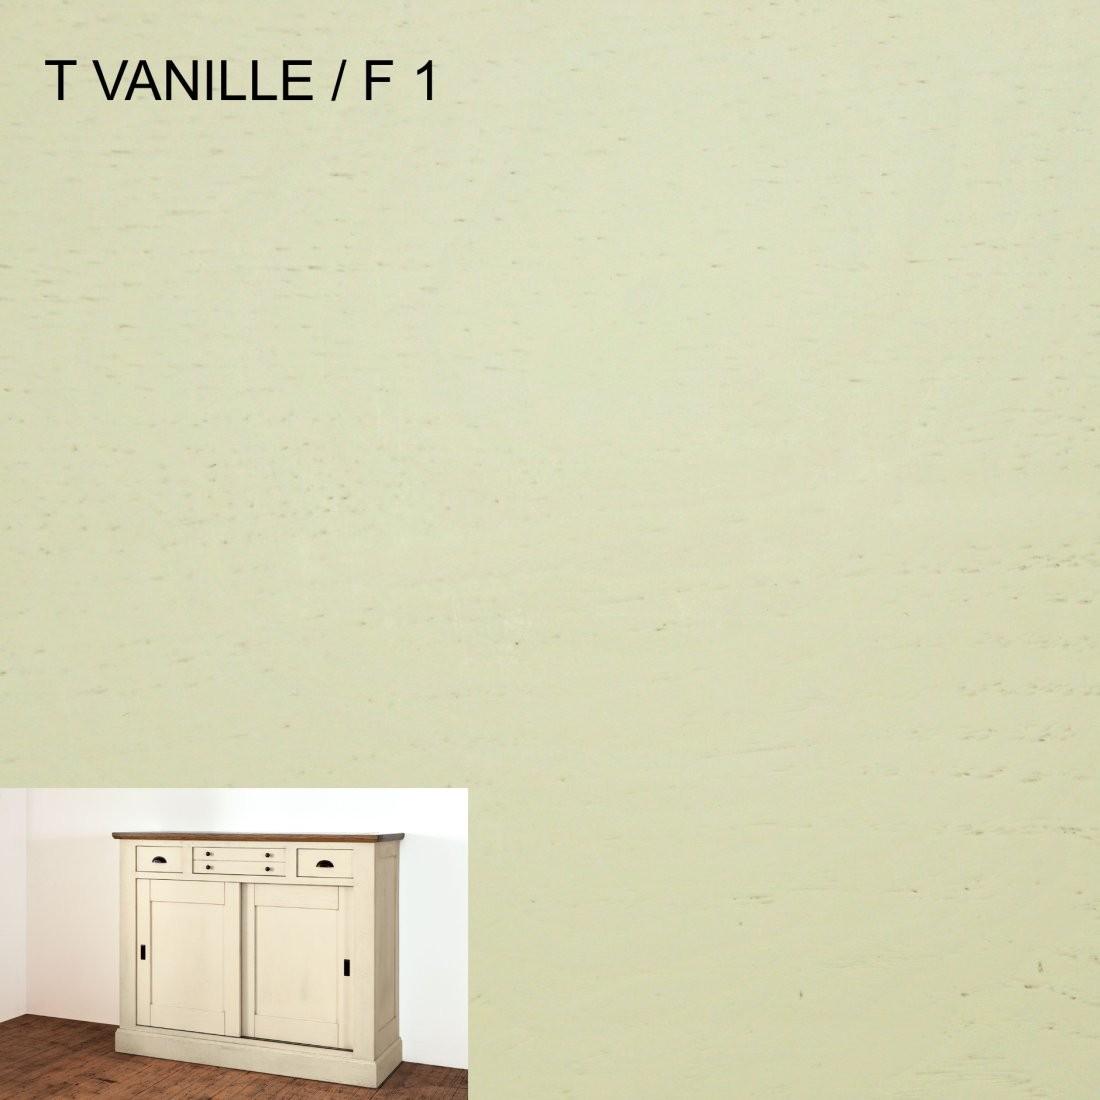 Vanille/1